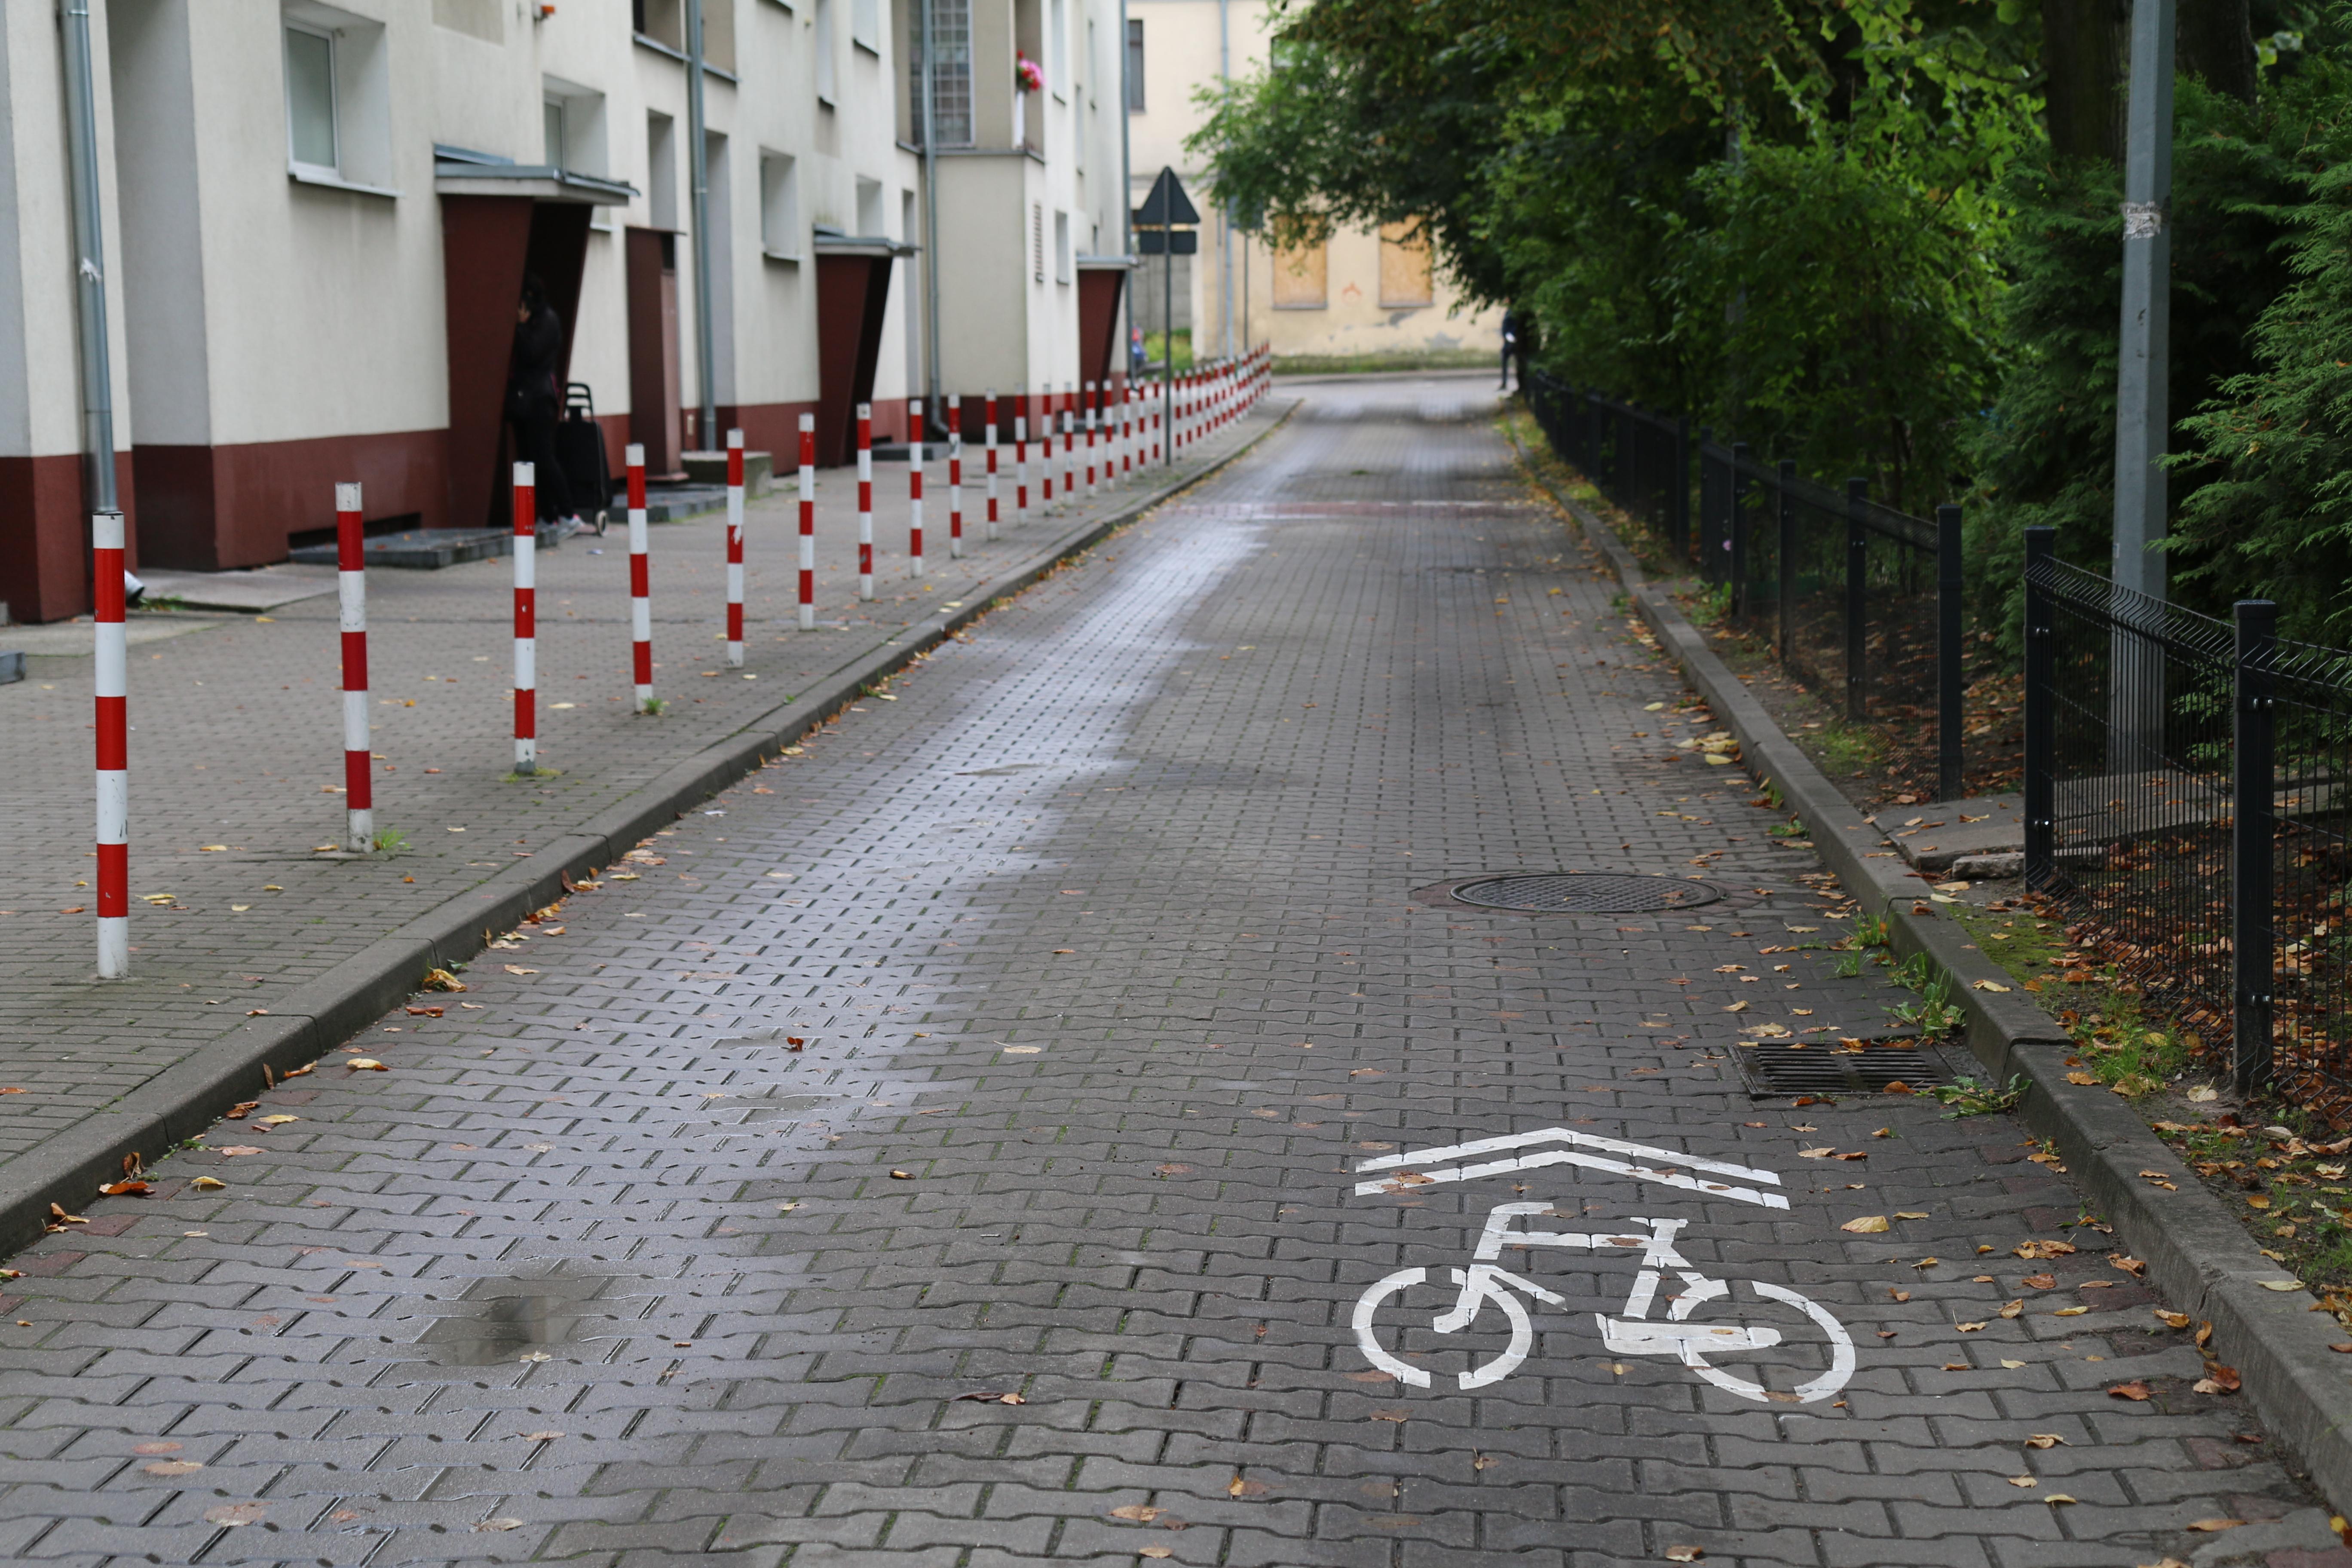 Nowa infrastruktura rowerowa w Piasecznie. Na zdjęciu sierżanty rowerowe wymalowane na drodze.